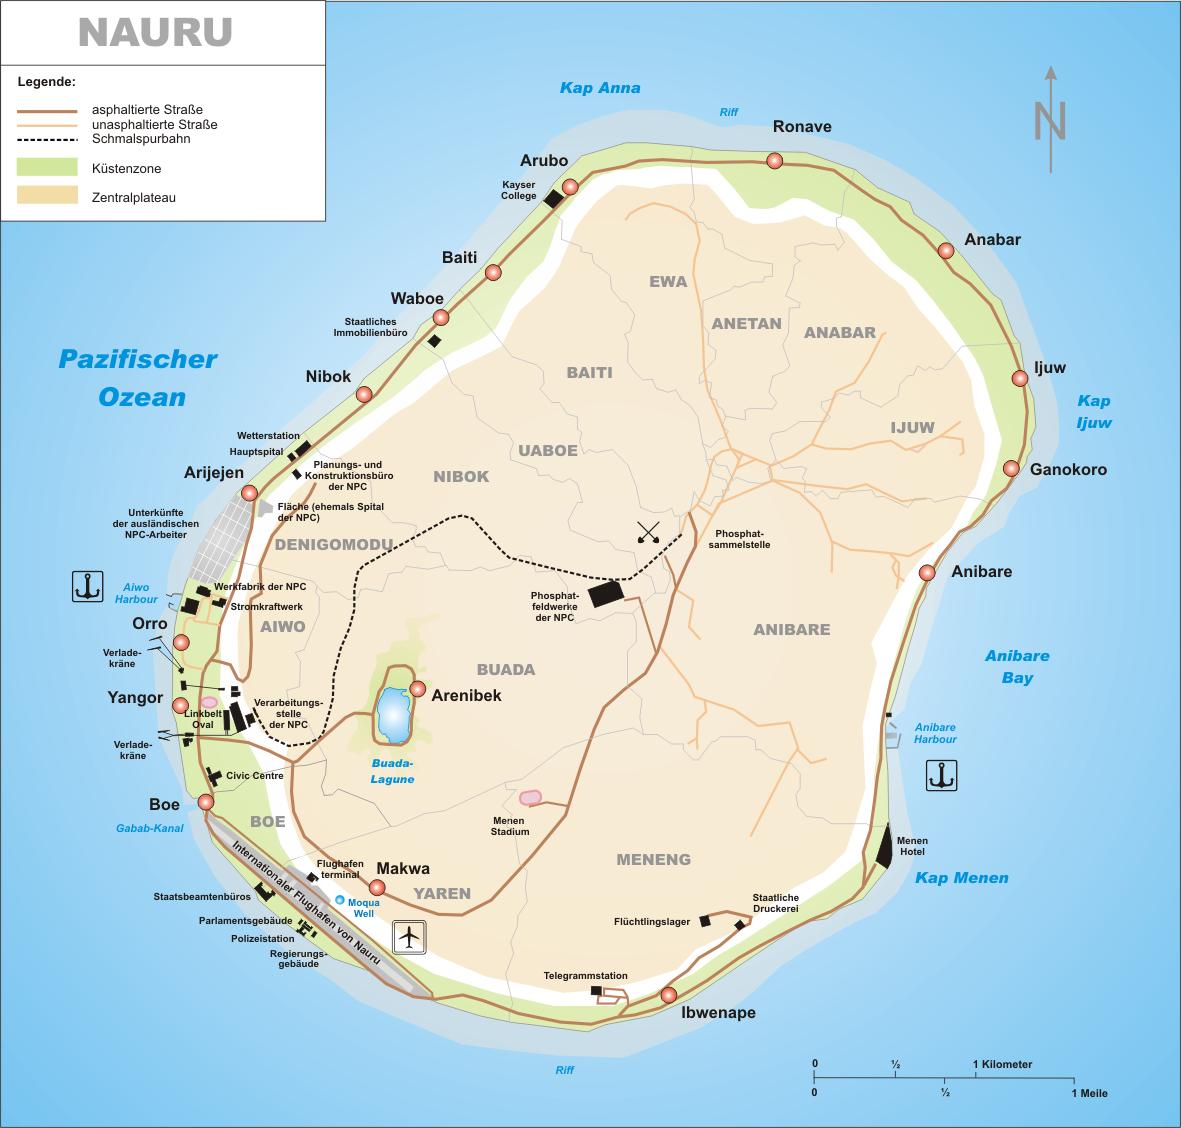 Nauru Road Map